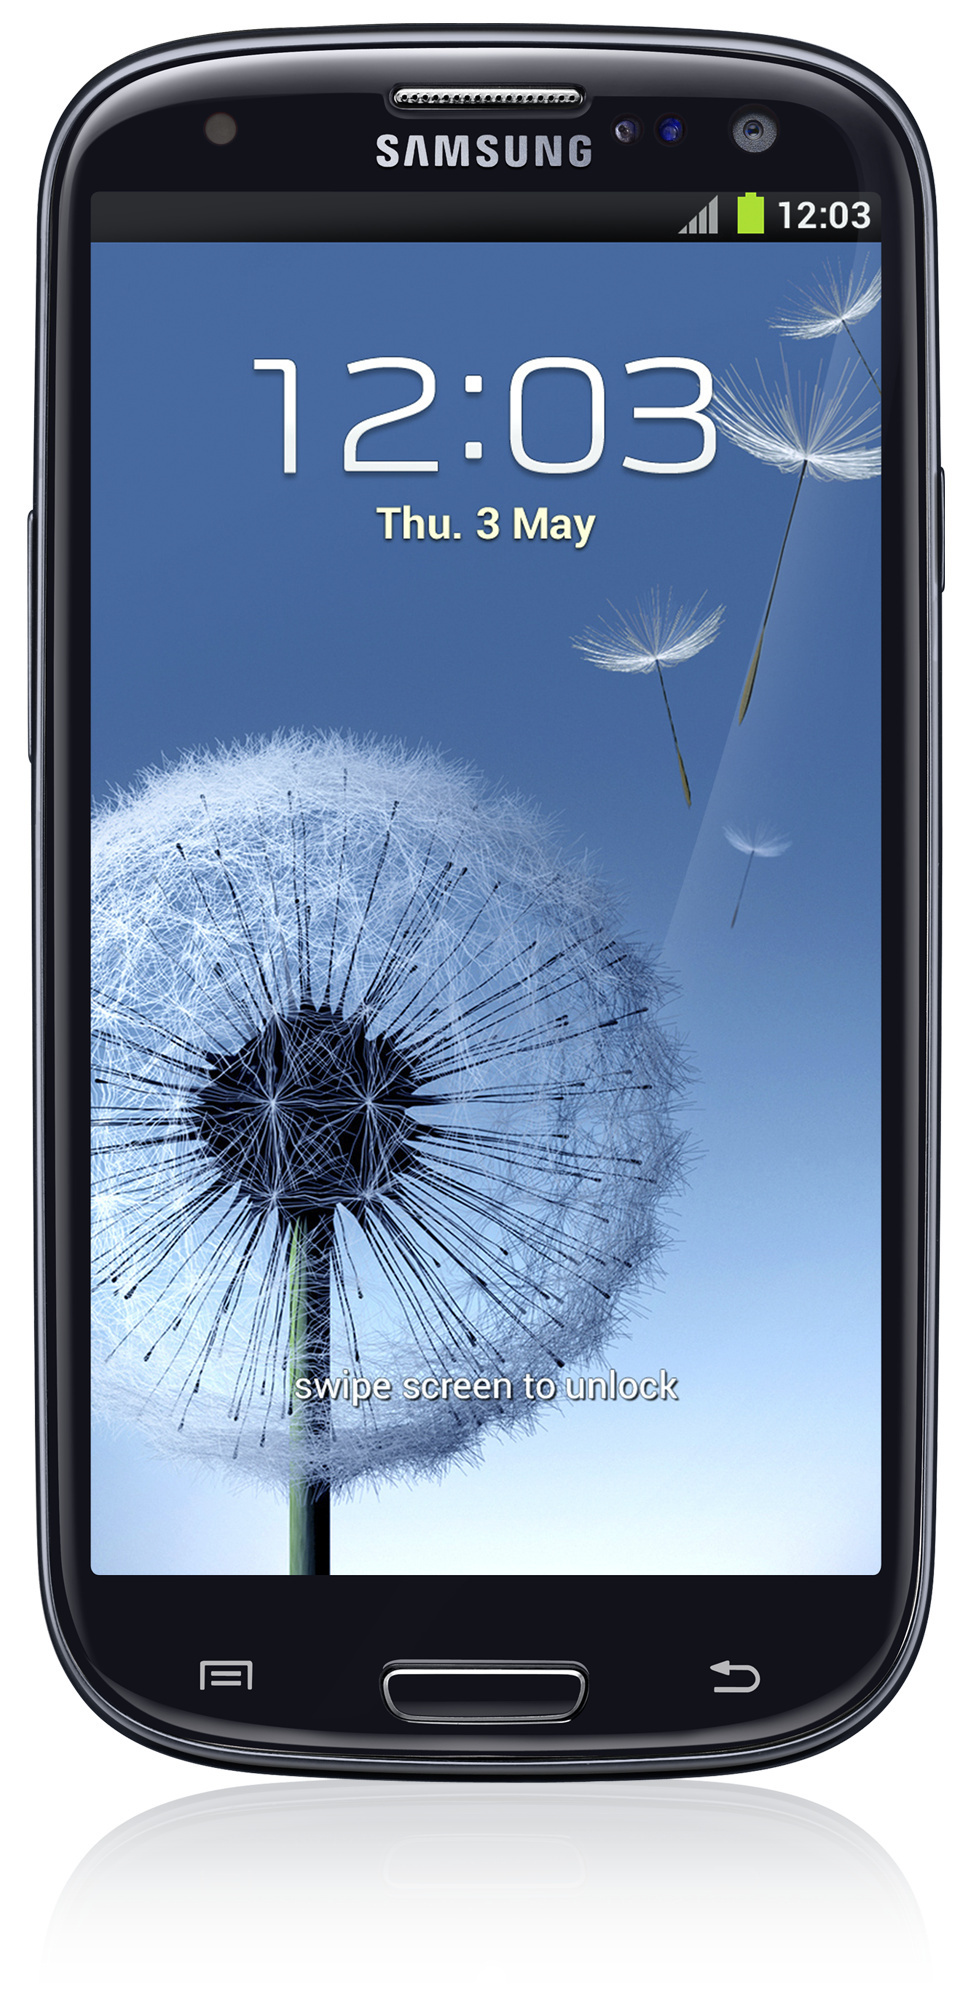 Samsung Galaxy S III 4G Android älypuhelin, musta.